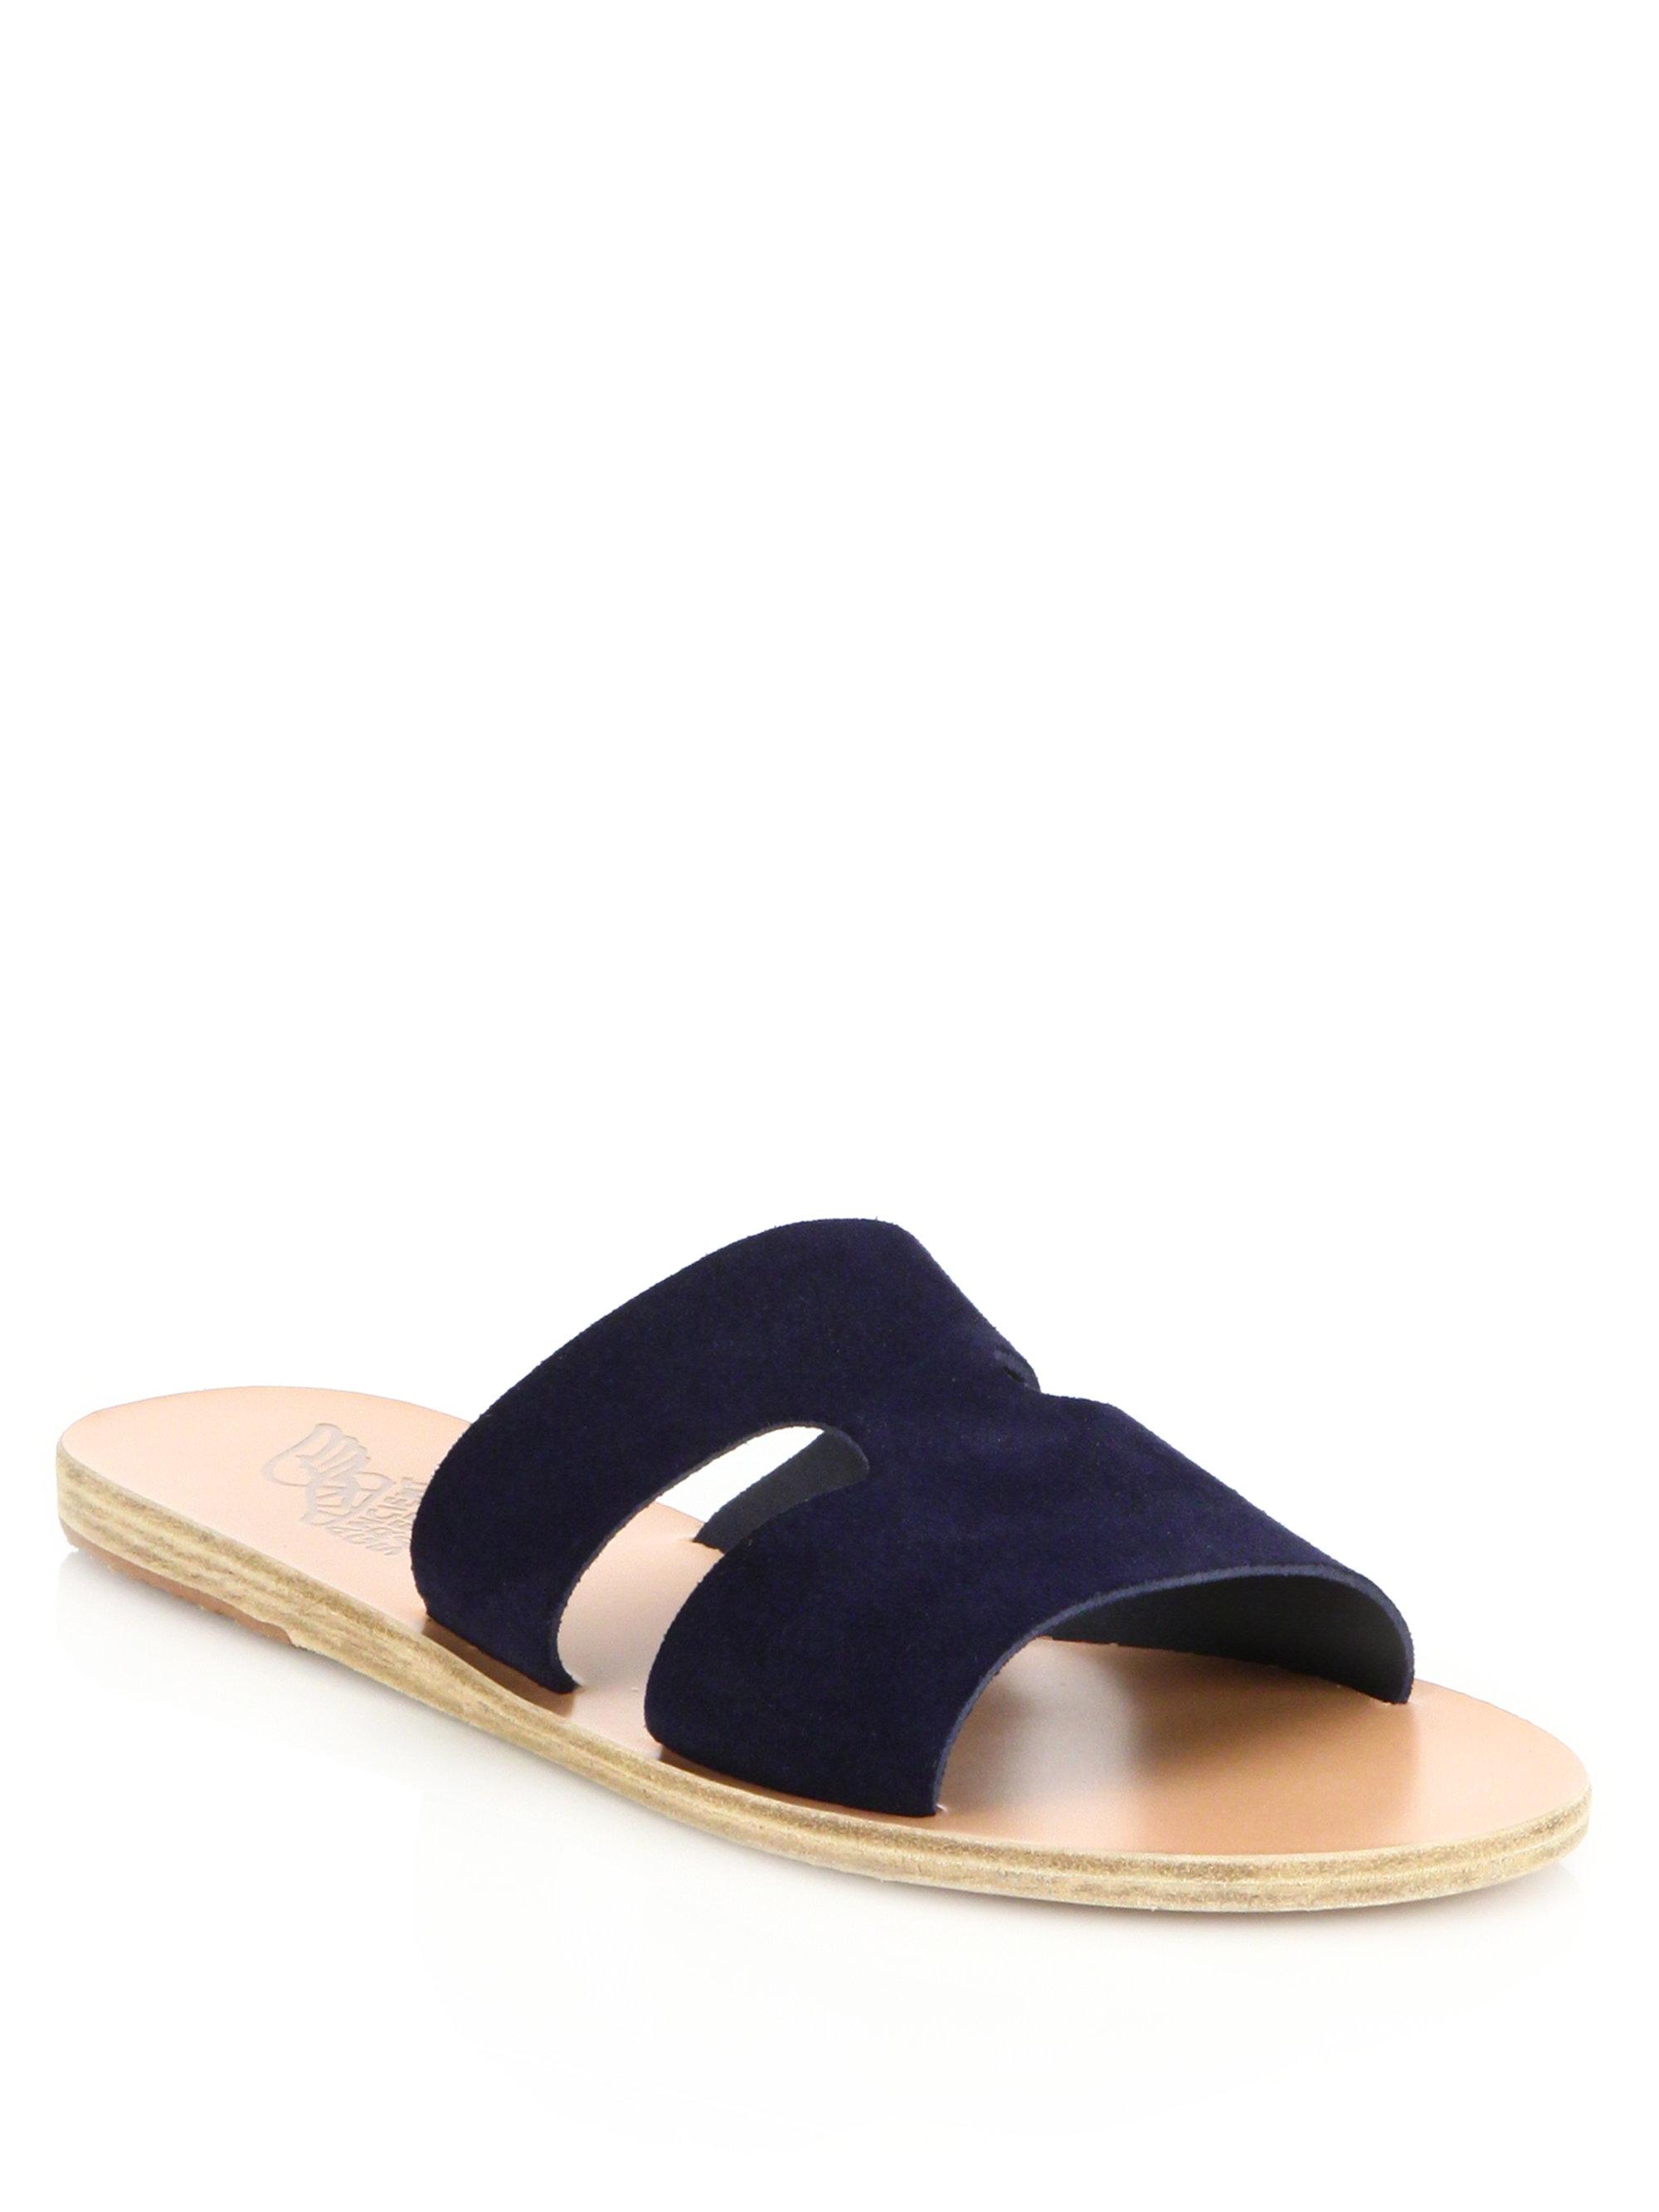 Sandales Anciennes Sandales Grecques - Bleu ZqpYK